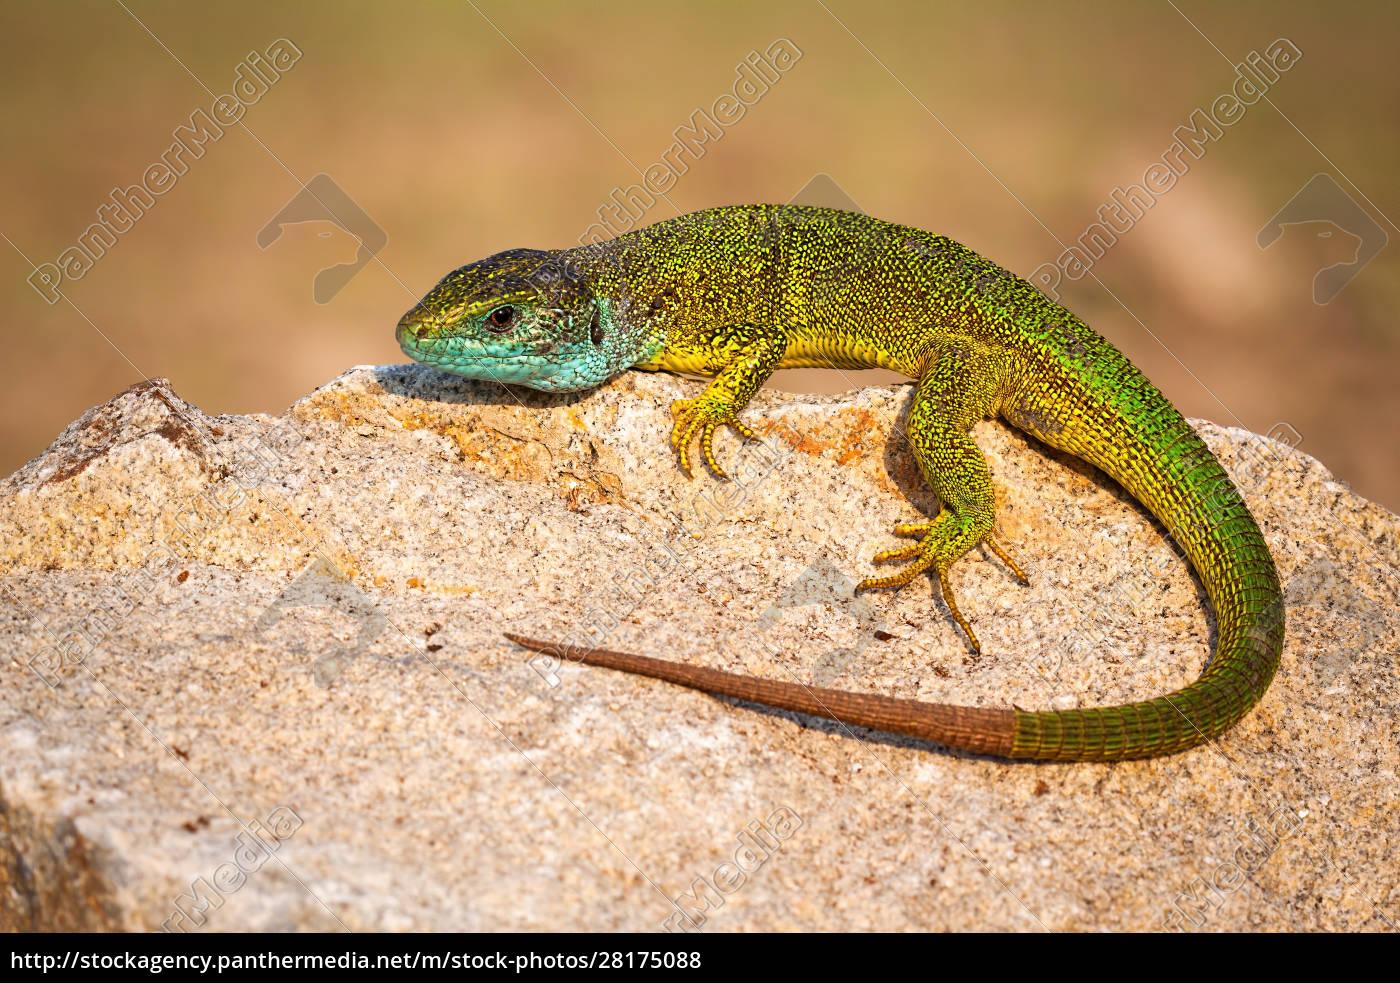 full, frame, of, european, green, lizard - 28175088